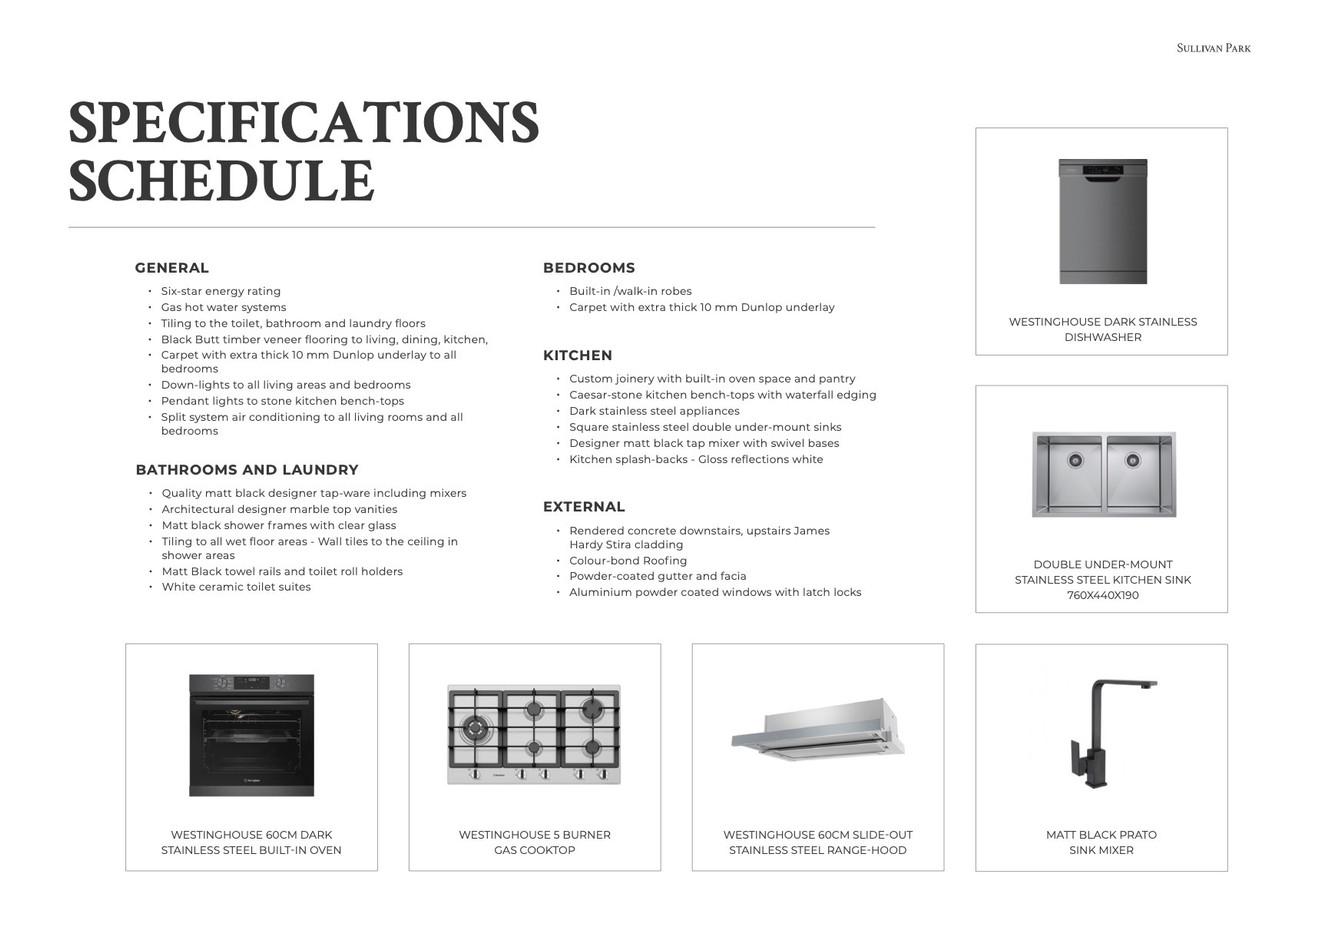 Sullivan Park - specifications 1.jpg